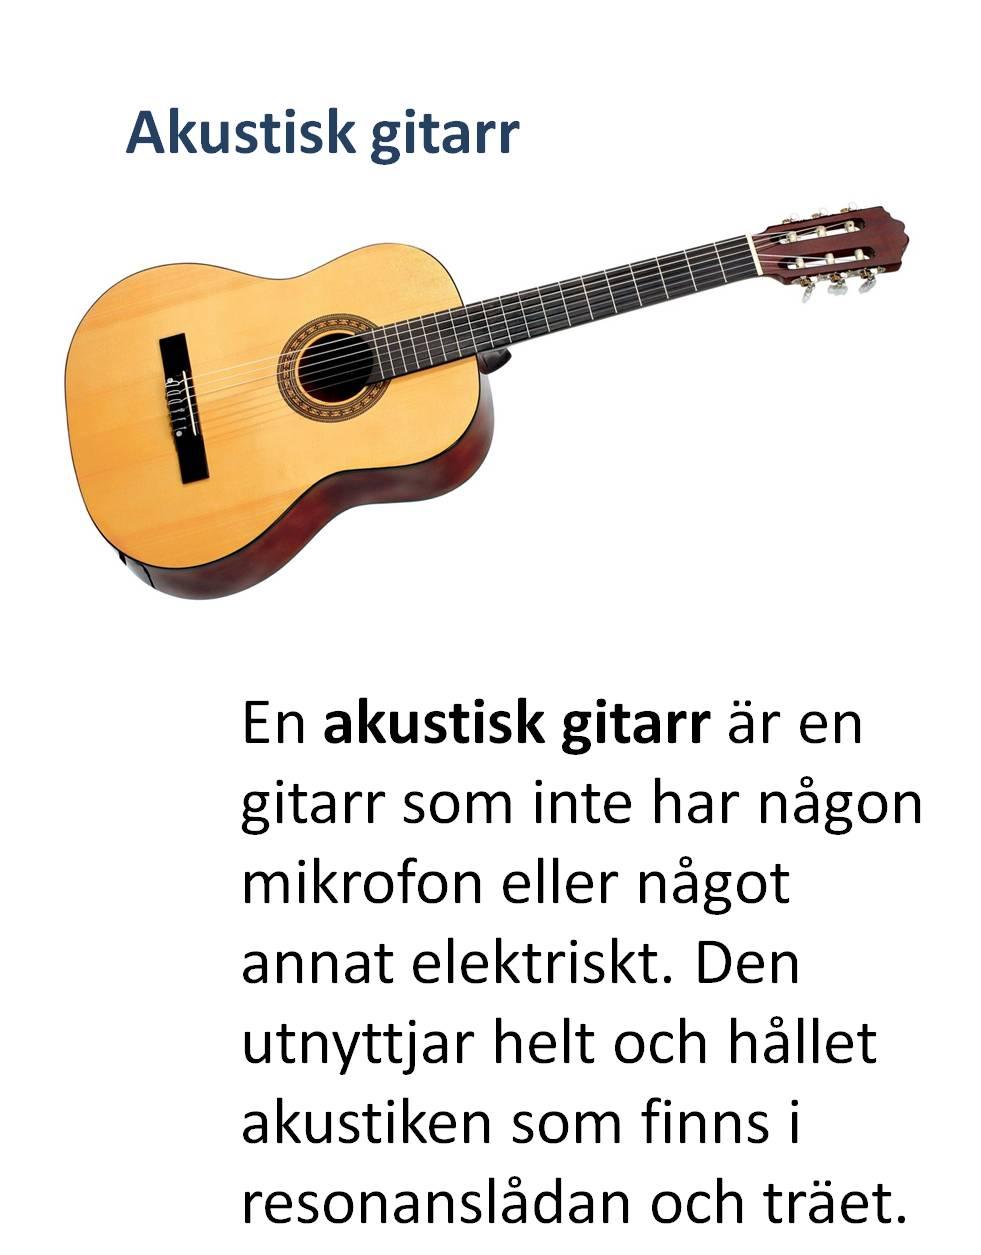 spela in gitarr och sång samtidigt